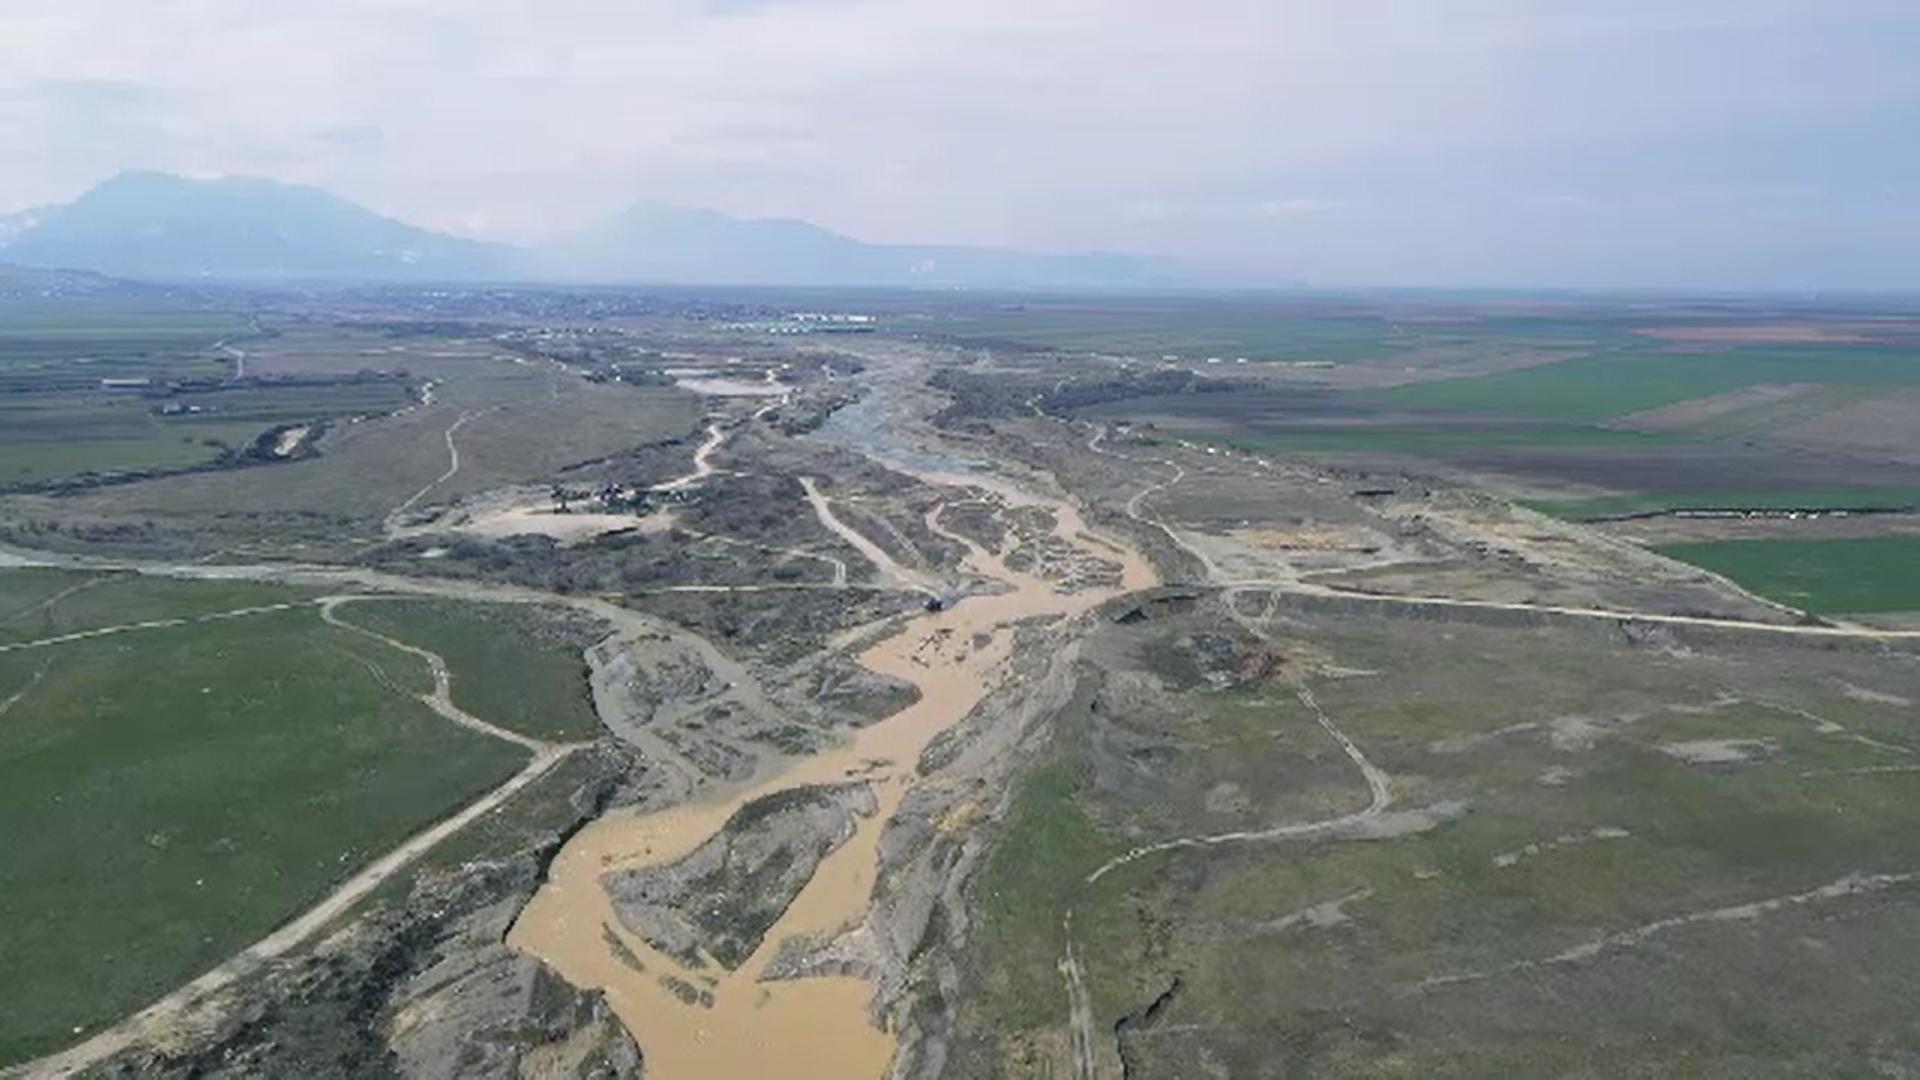 Autorităţile competente recunosc că sunt depăşite de situaţia săpăturilor ilegale în râurile țării